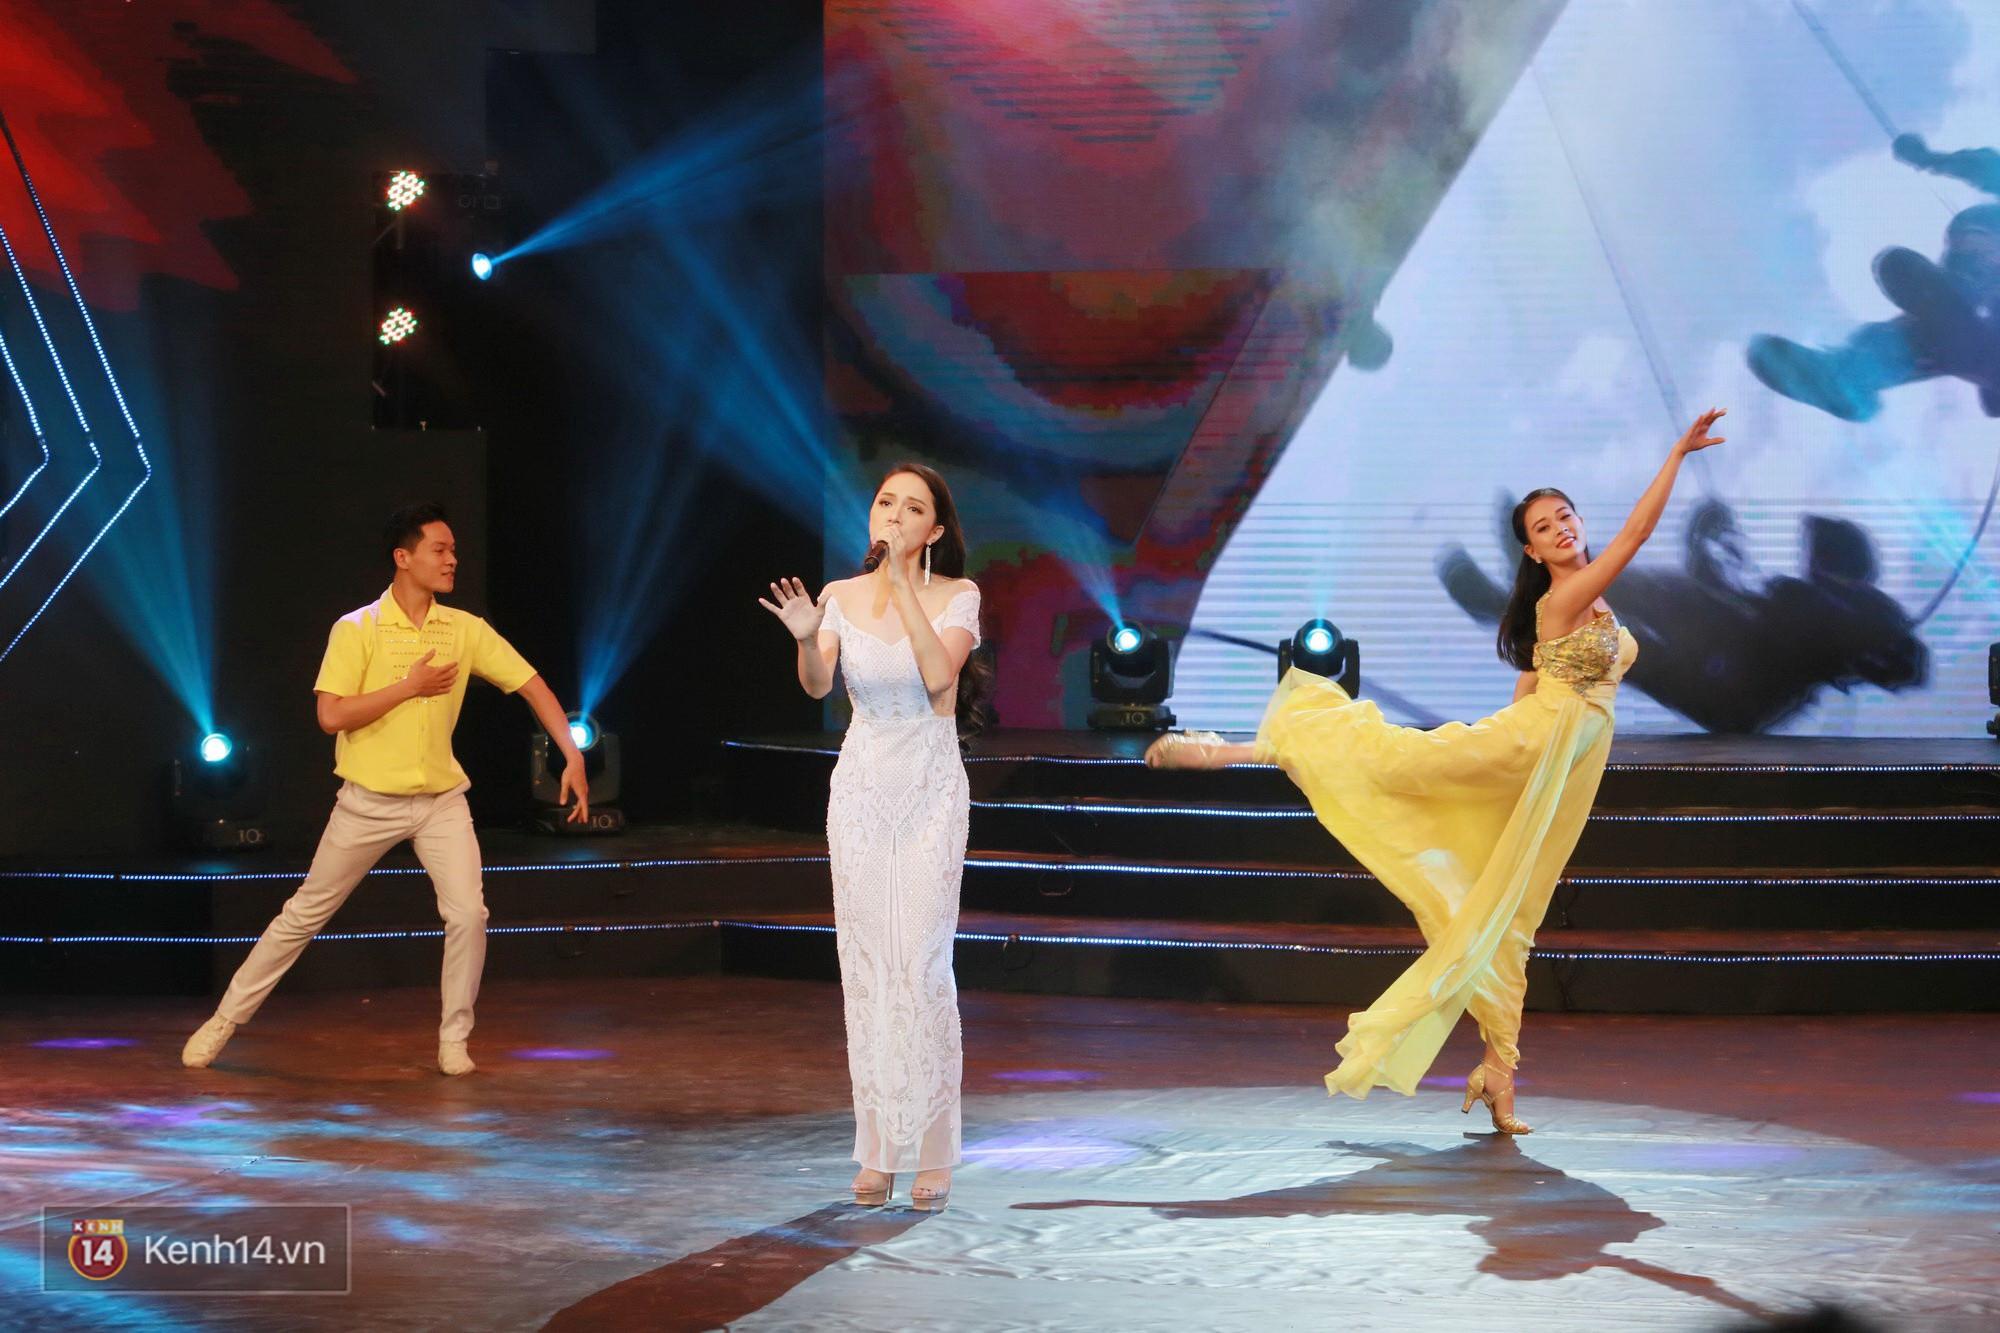 Đông Nhi đằm thắm với áo dài trắng, Hoa hậu Hương Giang biểu diễn trong quân phục chiến sĩ - Ảnh 6.